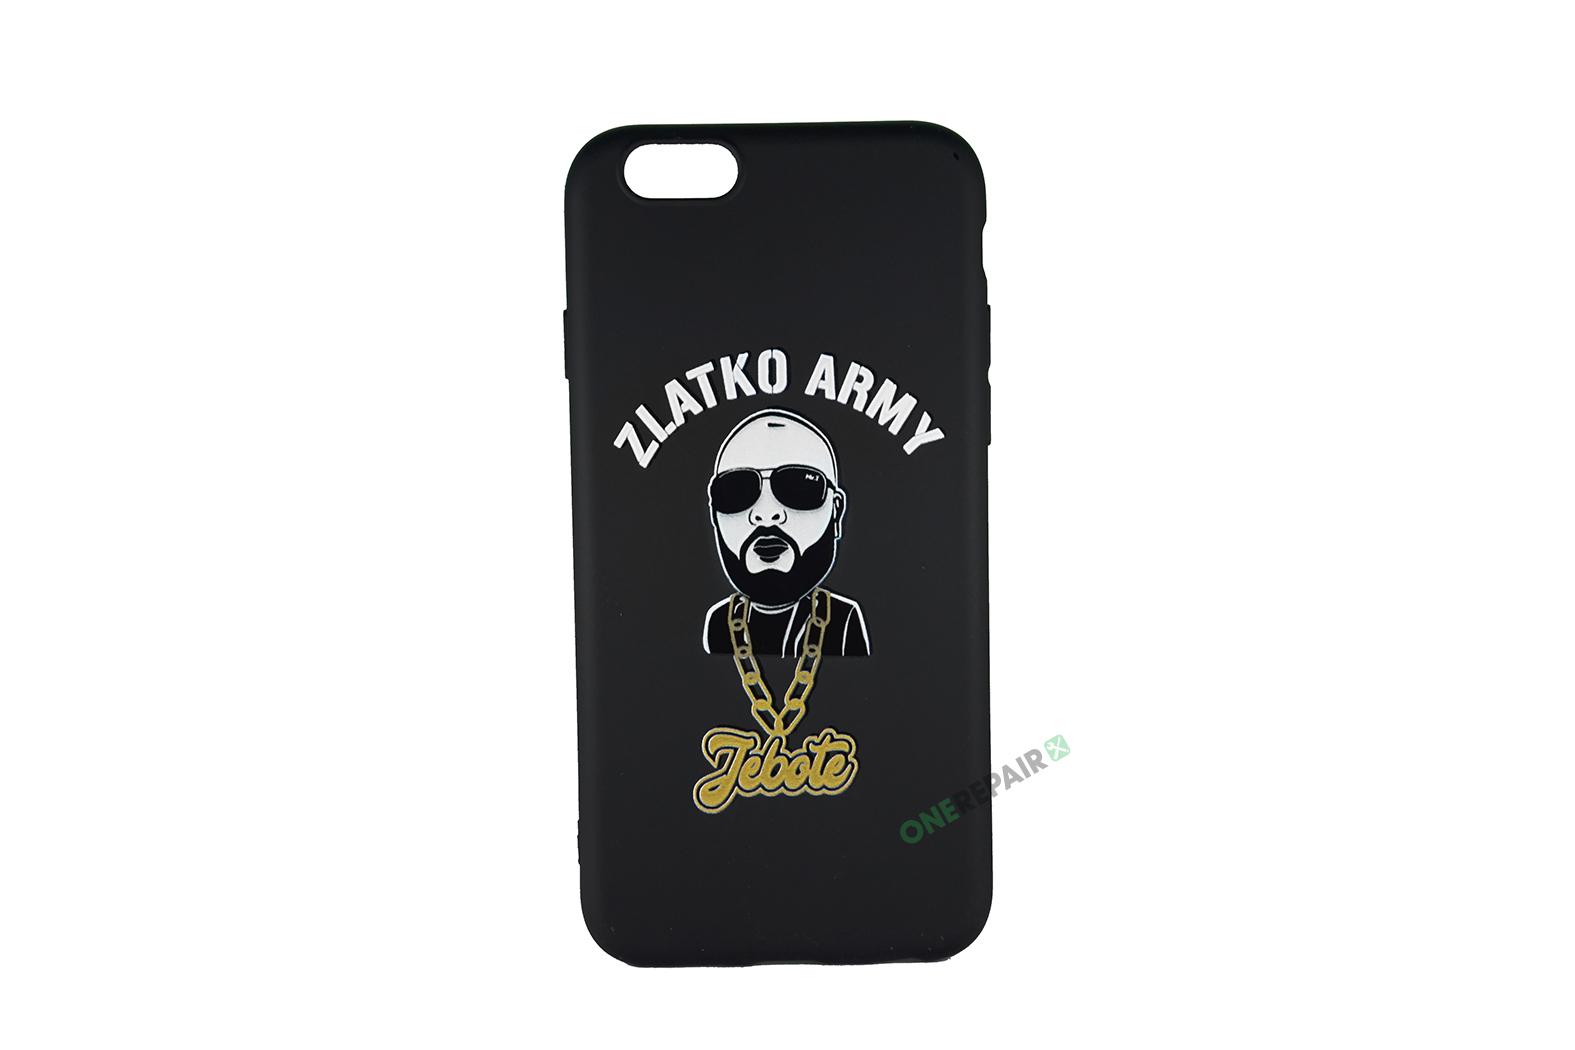 353780-001_iPhone_6_6S_Zlatko_Army_Sort_OneRepair_00001